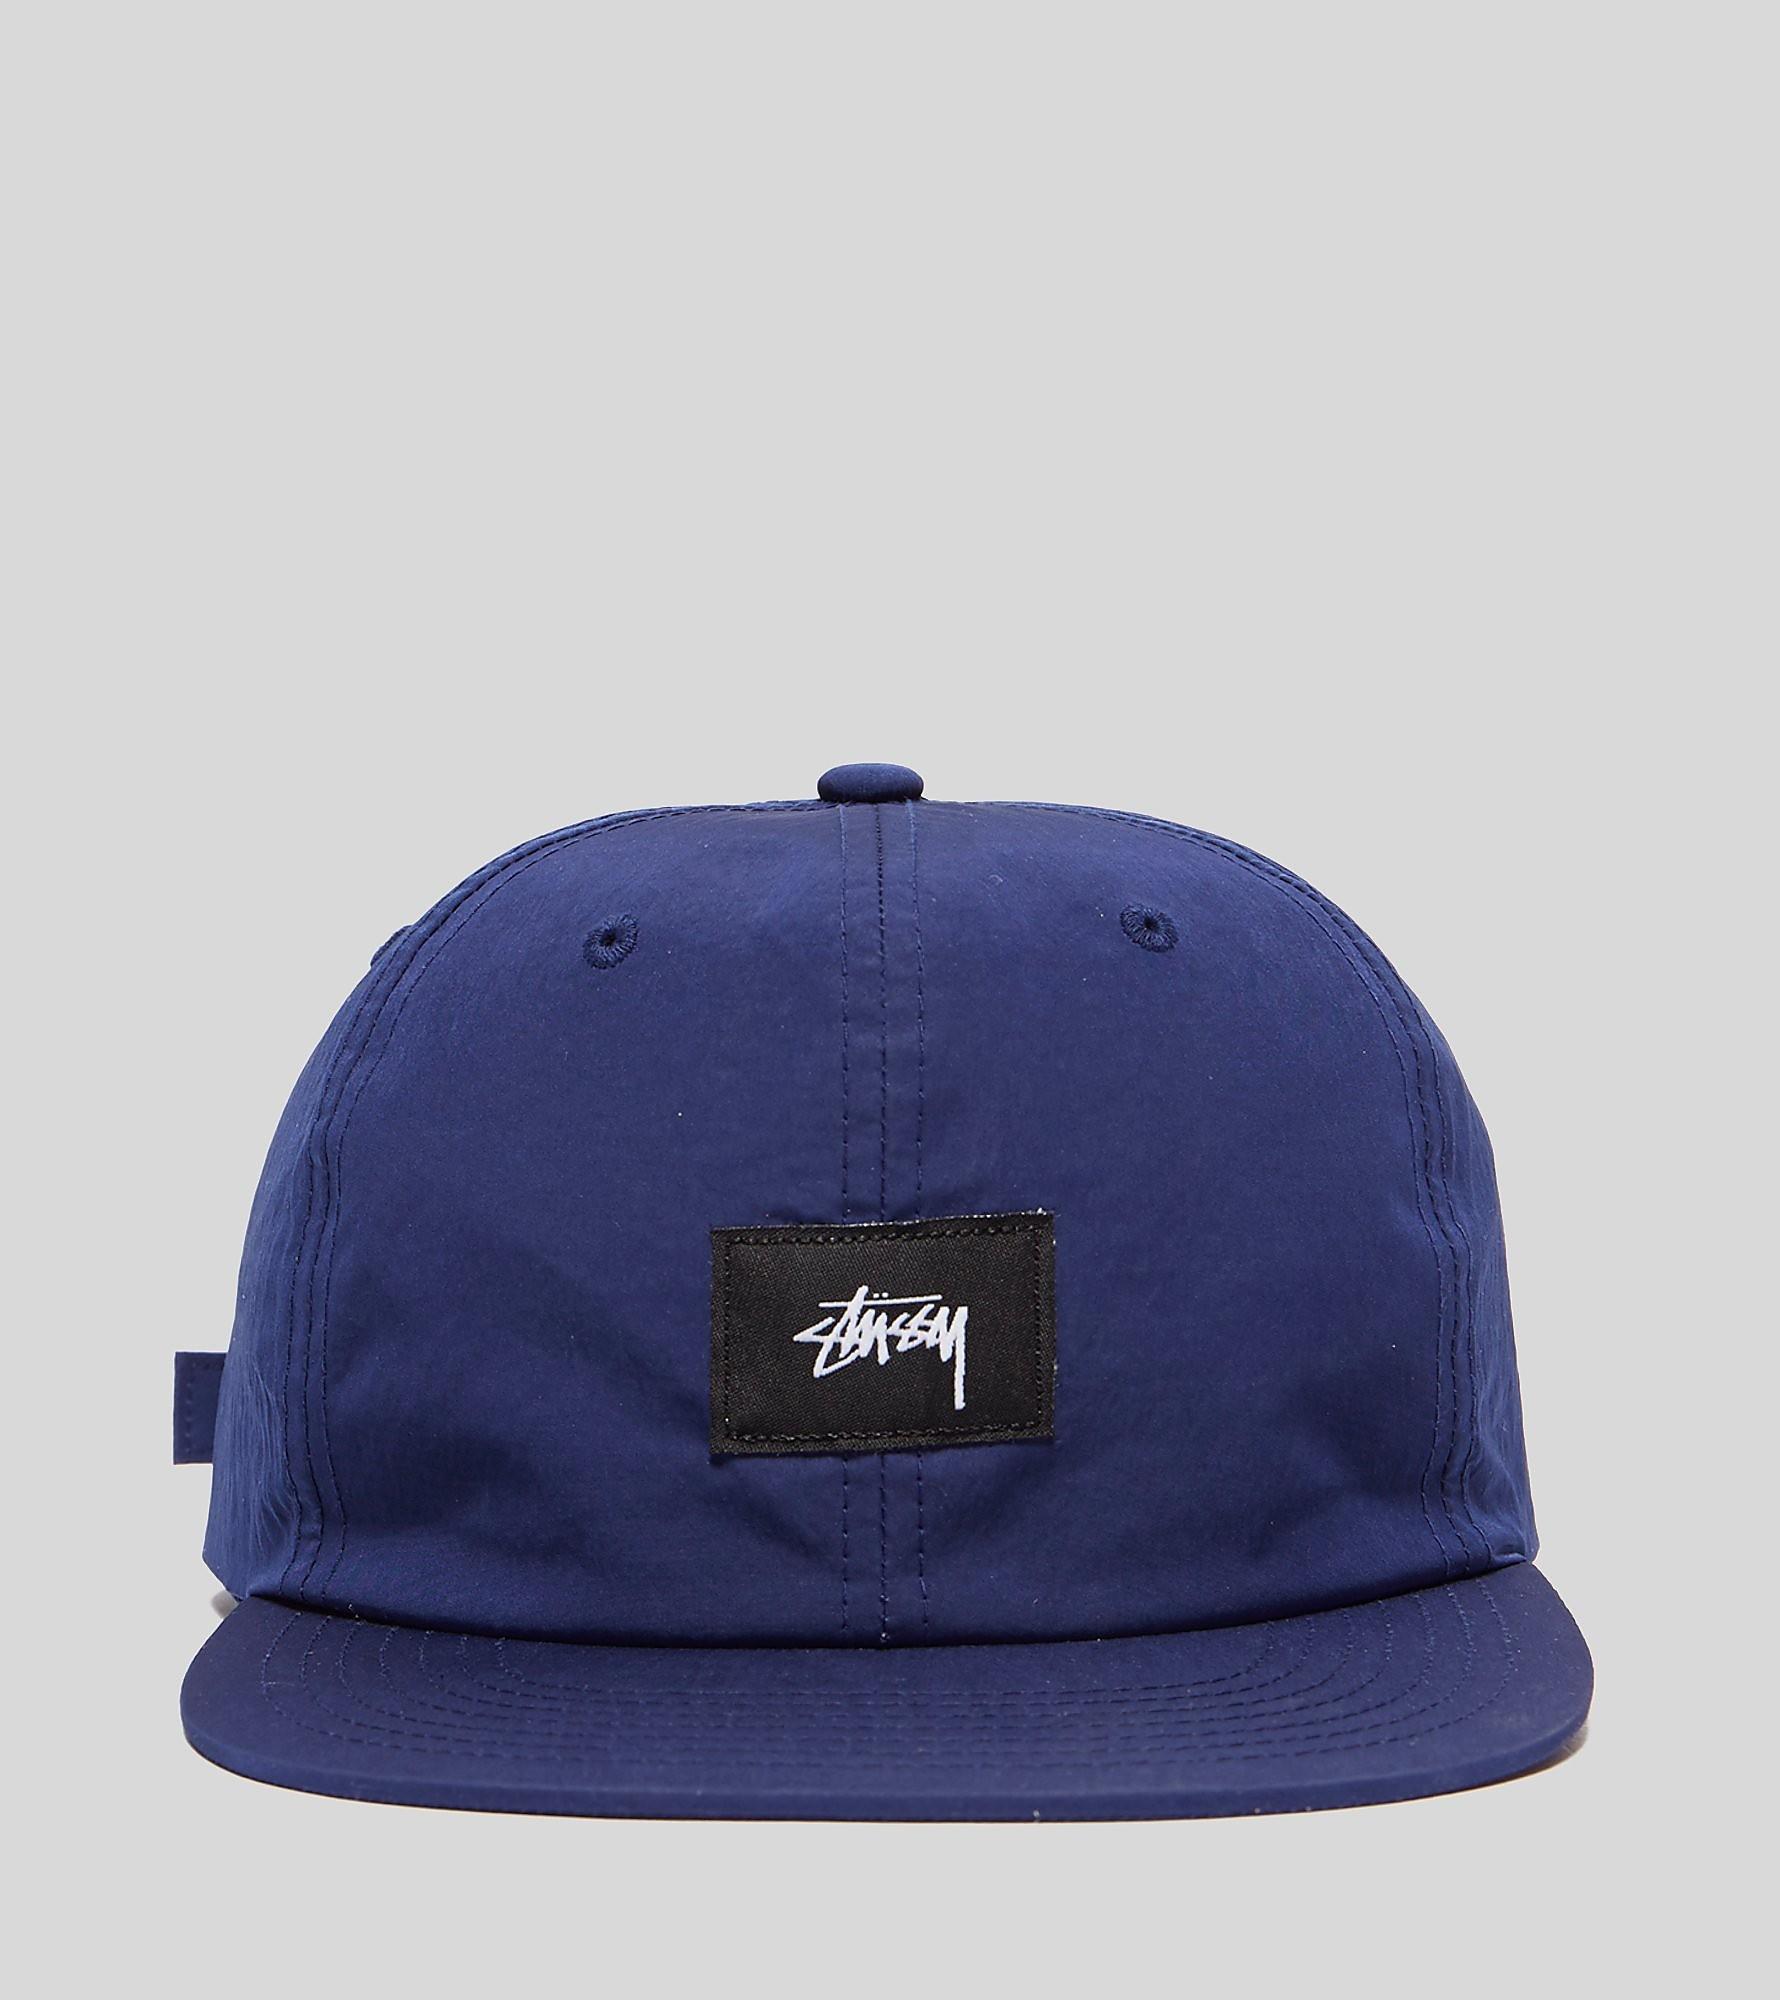 Stussy Stock Label Strapback Cap